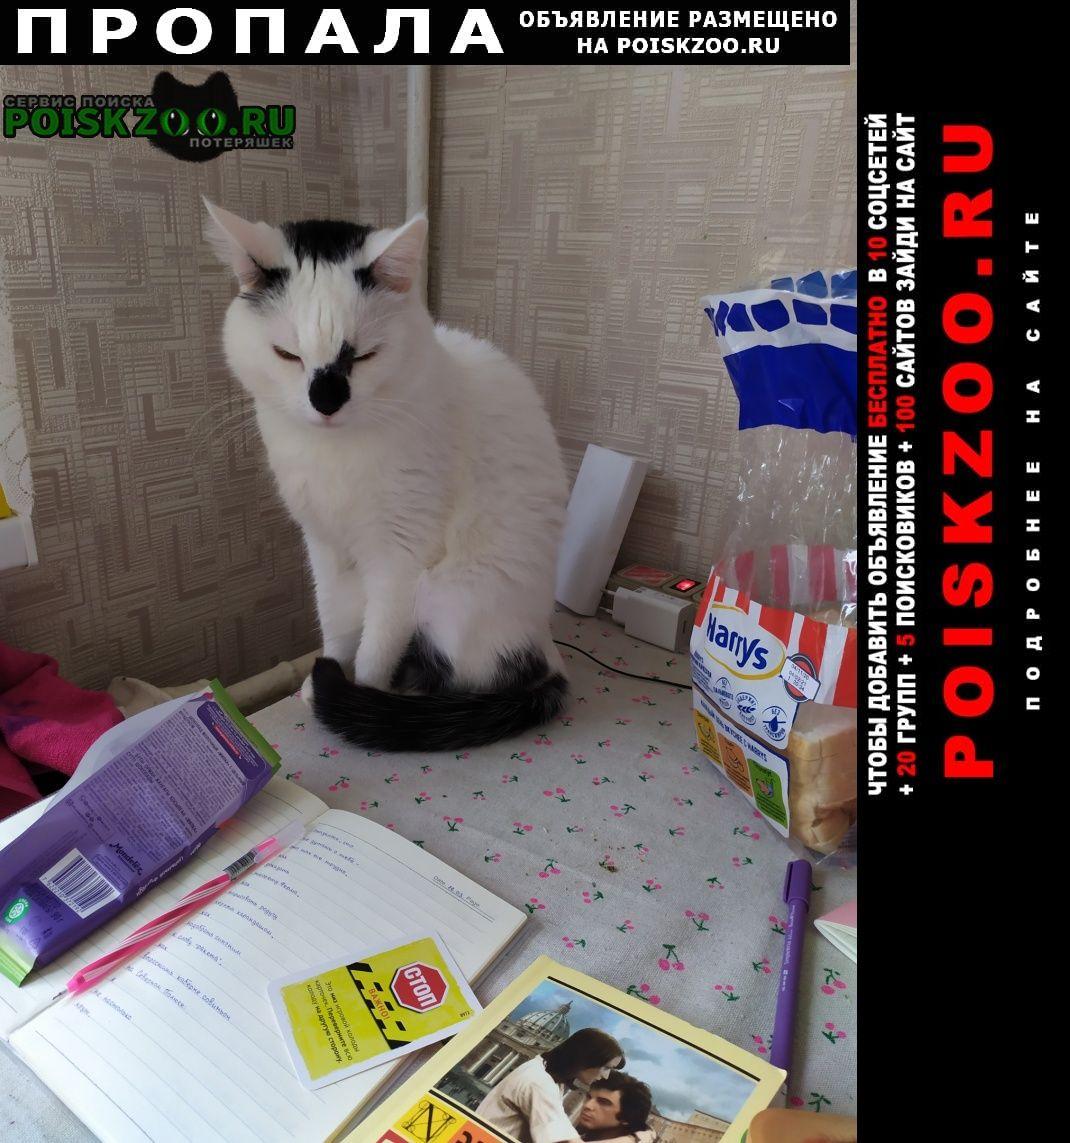 Пропала кошка черно-белый кот Уфа